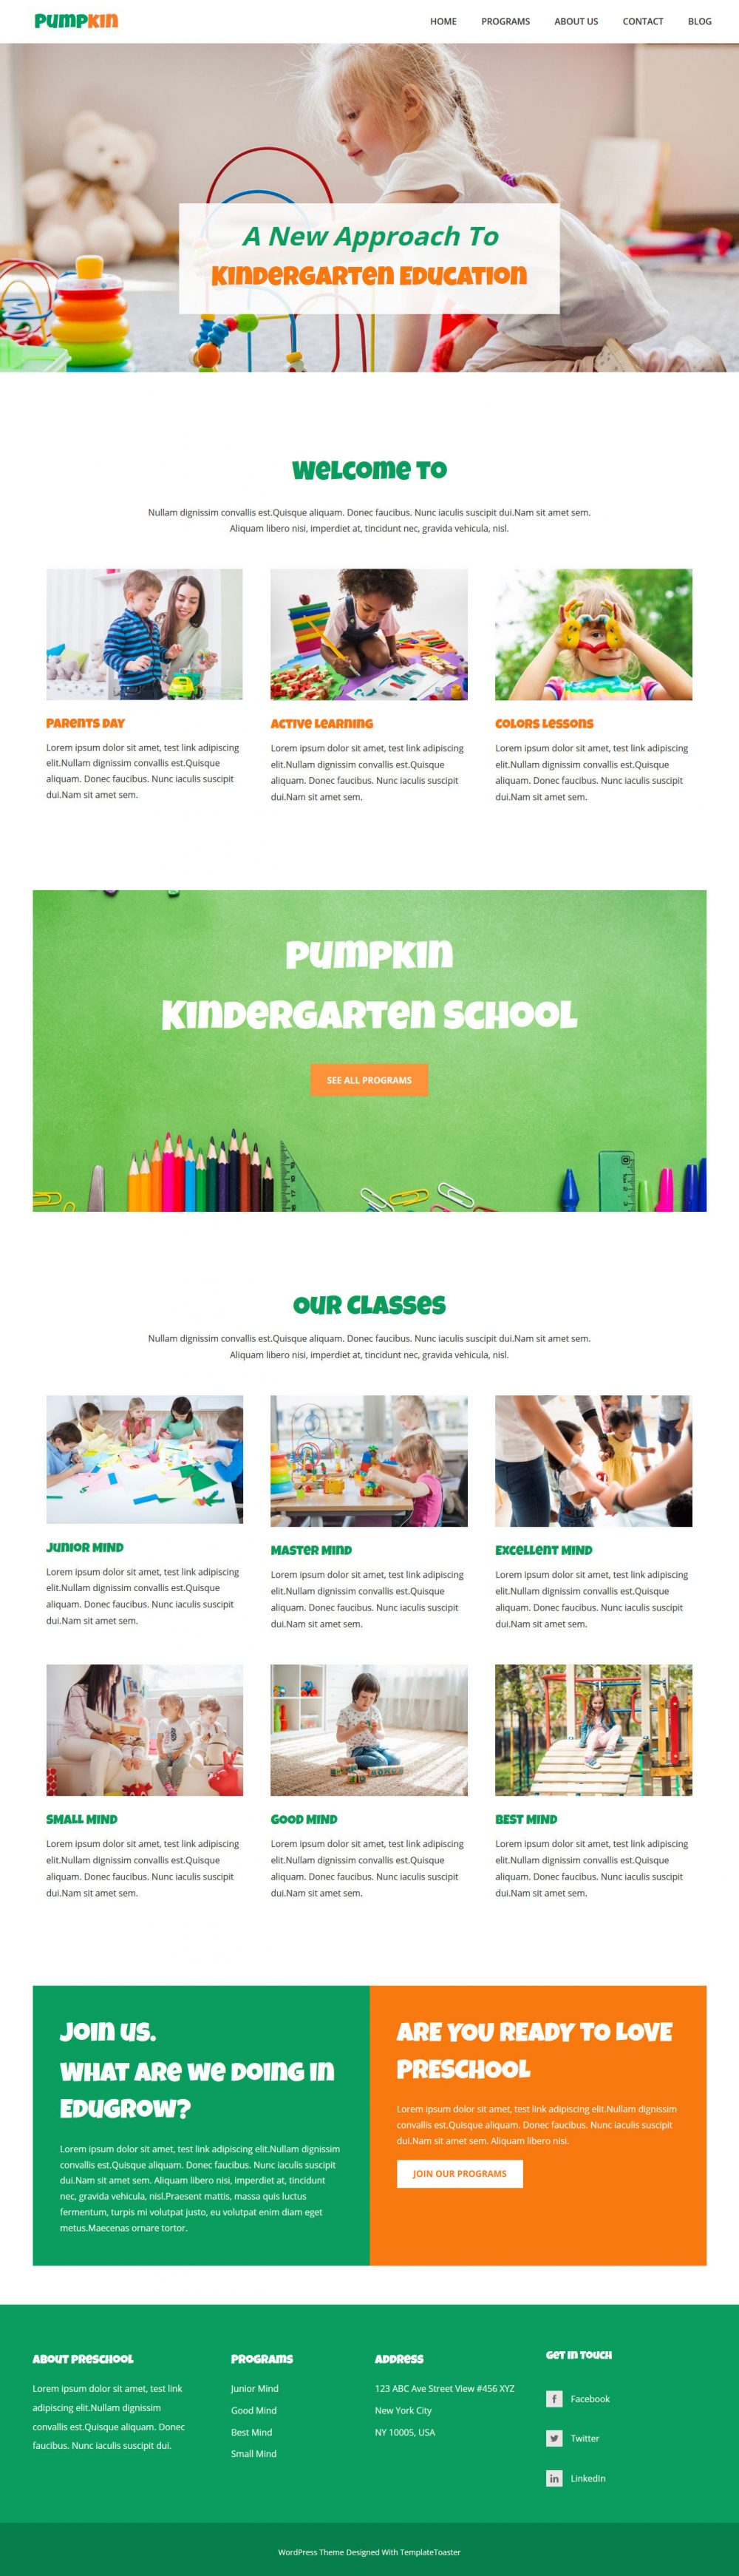 pumpkin kindergarten education joomla template